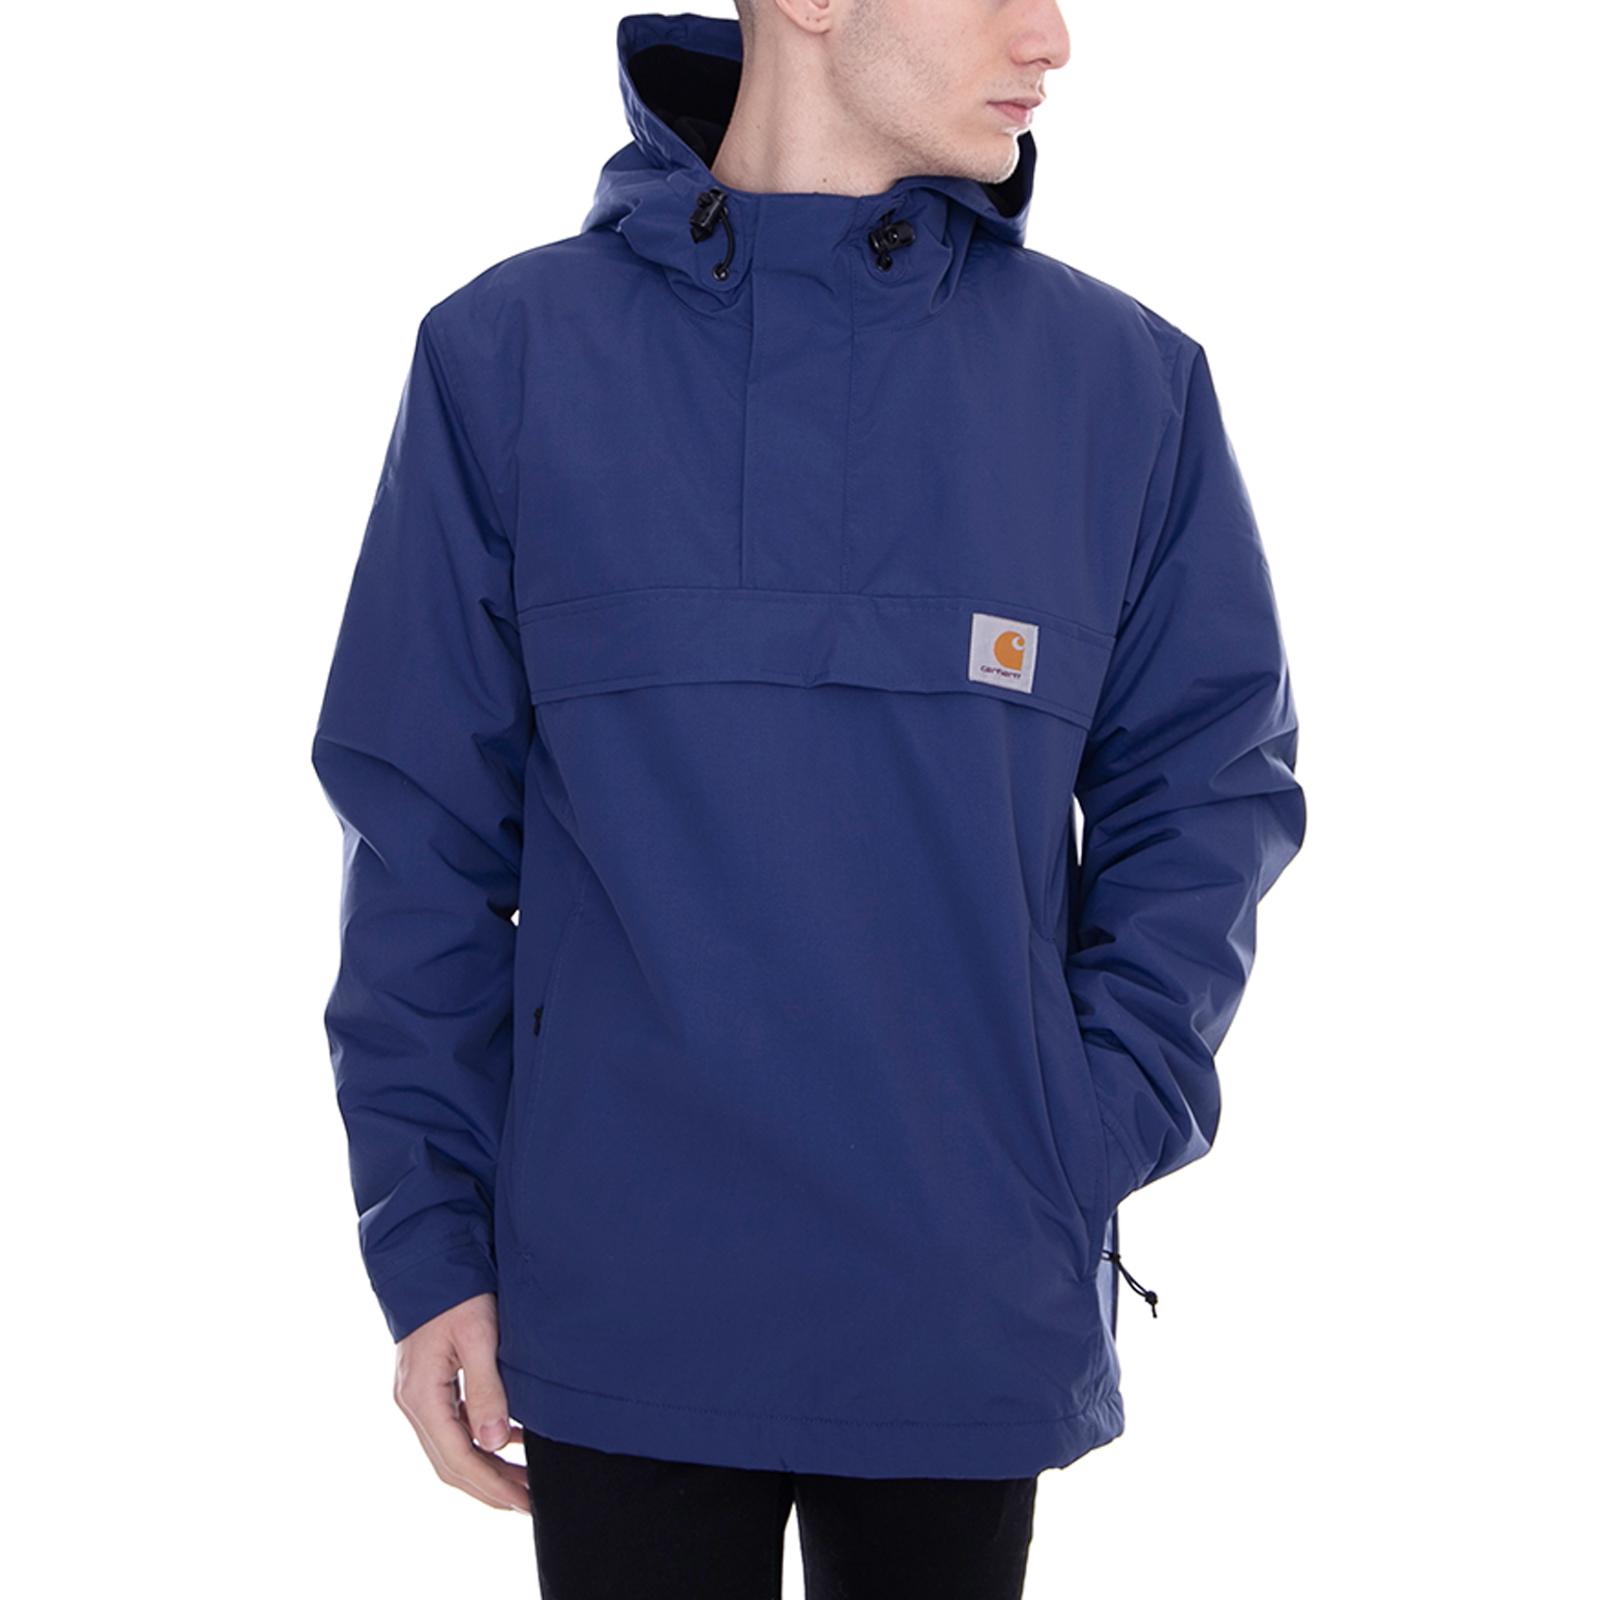 dobry przystępna cena najwyższa jakość Details about Carhartt Jacket Nimbus Pullover Metro Blue Blue